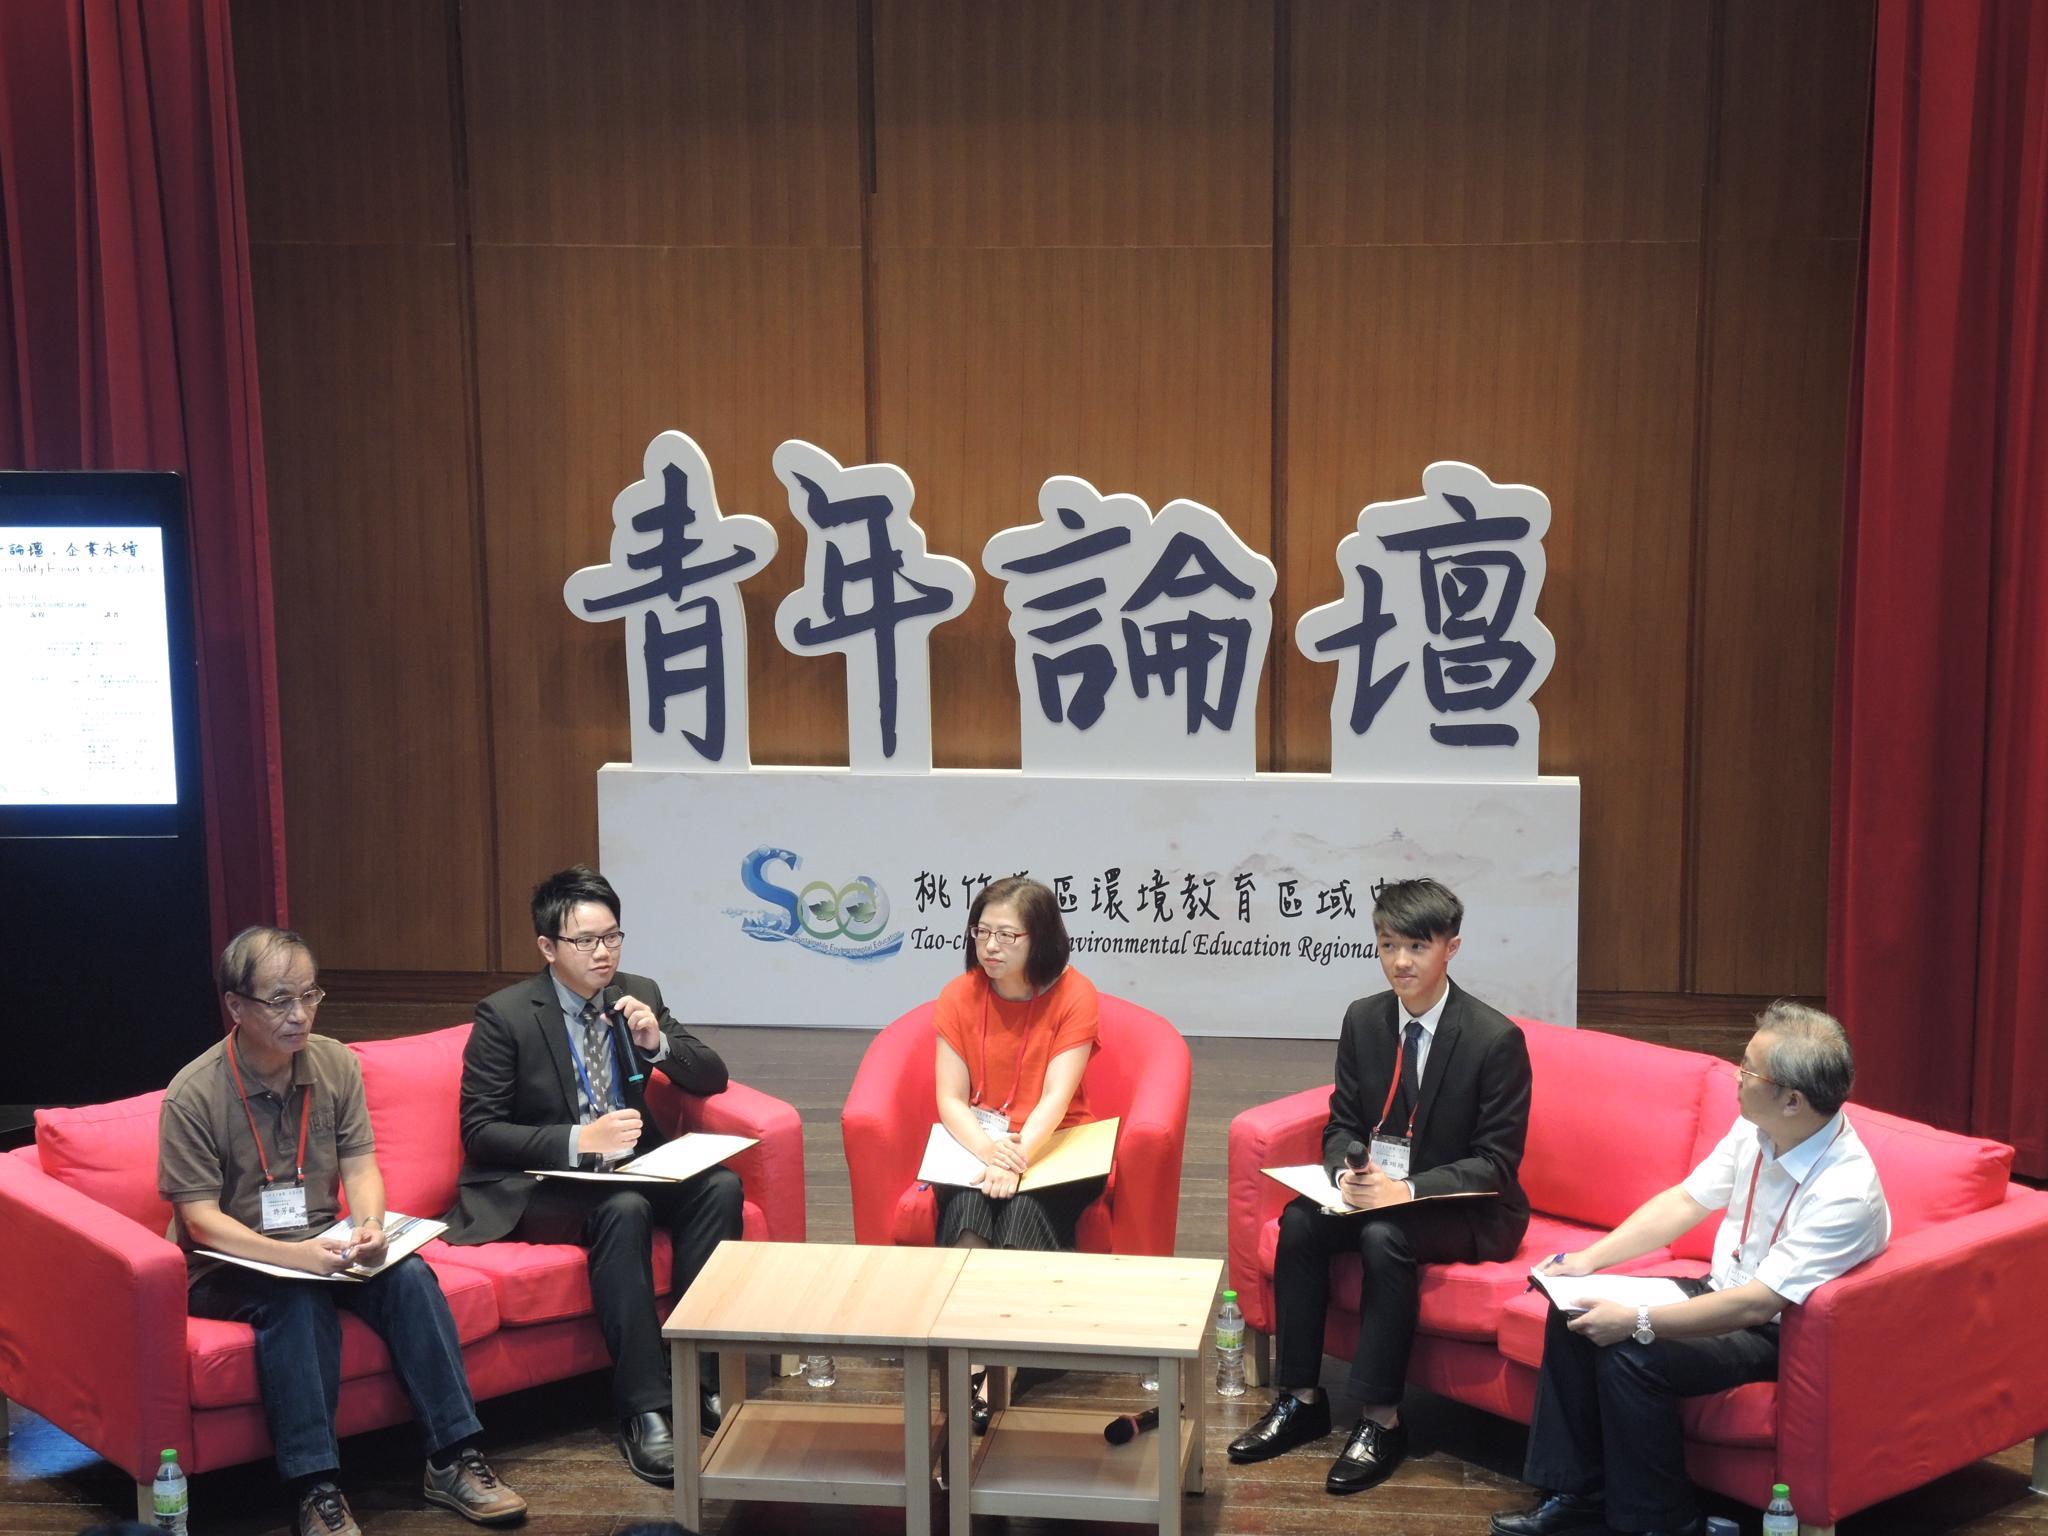 永續環境愛地球 中原大學舉辦青年永續論壇